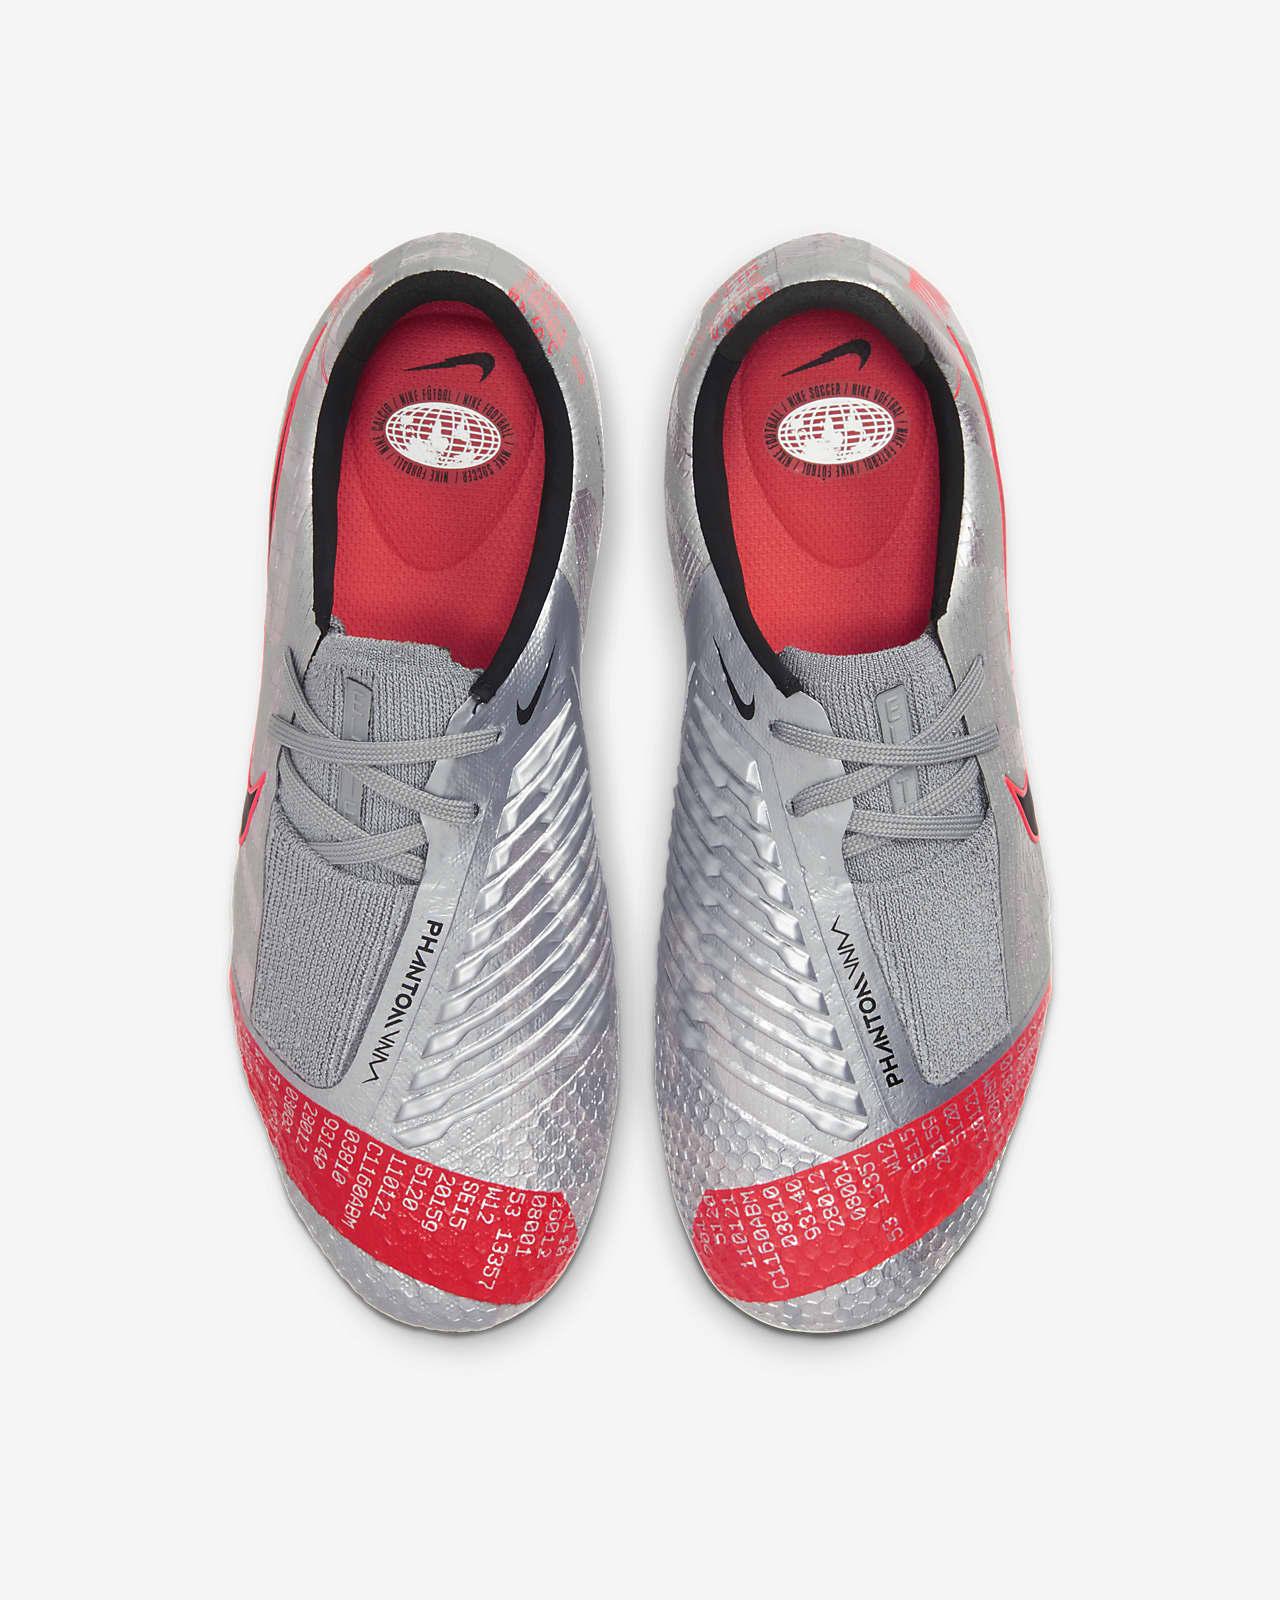 Chaussure de football à crampons pour terrain sec Nike Jr. Phantom Venom Elite FG pour Enfant plus âgé